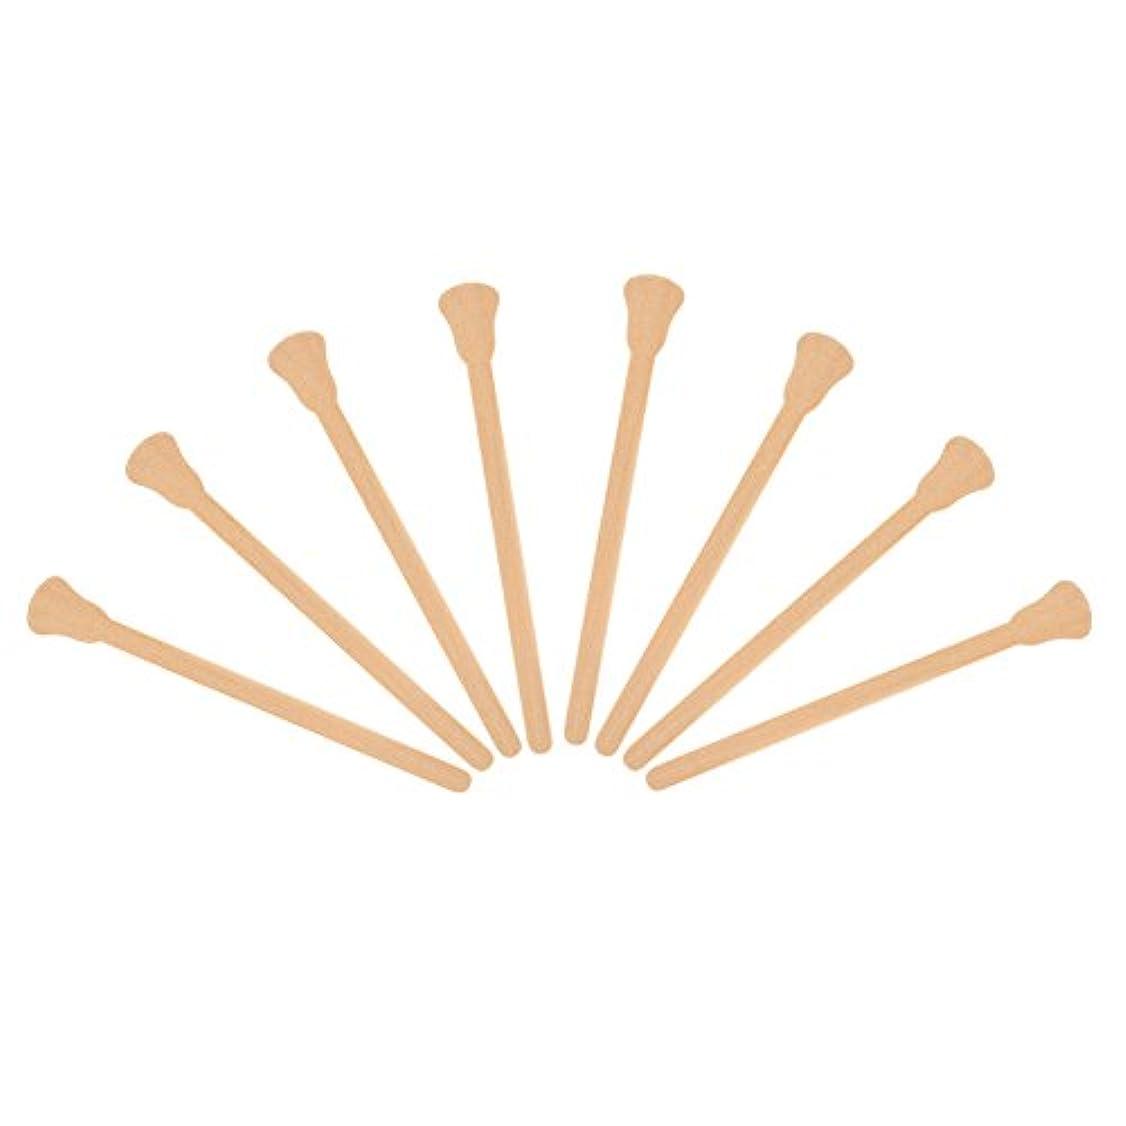 見捨てられたスケジュール法律50ピース木製 ワックスへら舌圧子使い捨てフェイシャルマスク髪削除クリームアプリケーター